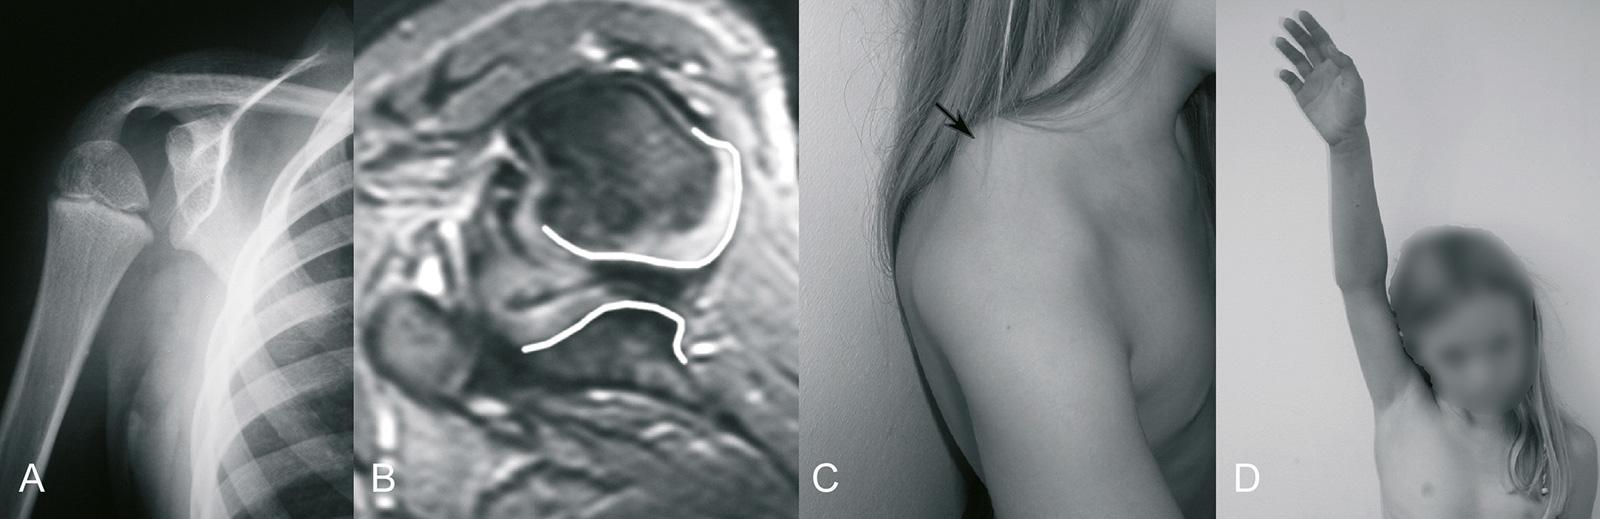 """Abb. 2-33: chronische hintere Schulterluxation: """"lightbulb sign"""" im Röntgenbild (A), Dysplasie des Humeruskopfes und Glenoids in der MRT-Bildgebung (B), Prominenz des Coracoids und Acromions (C), verhältnismäßig gute Funktion (D)"""